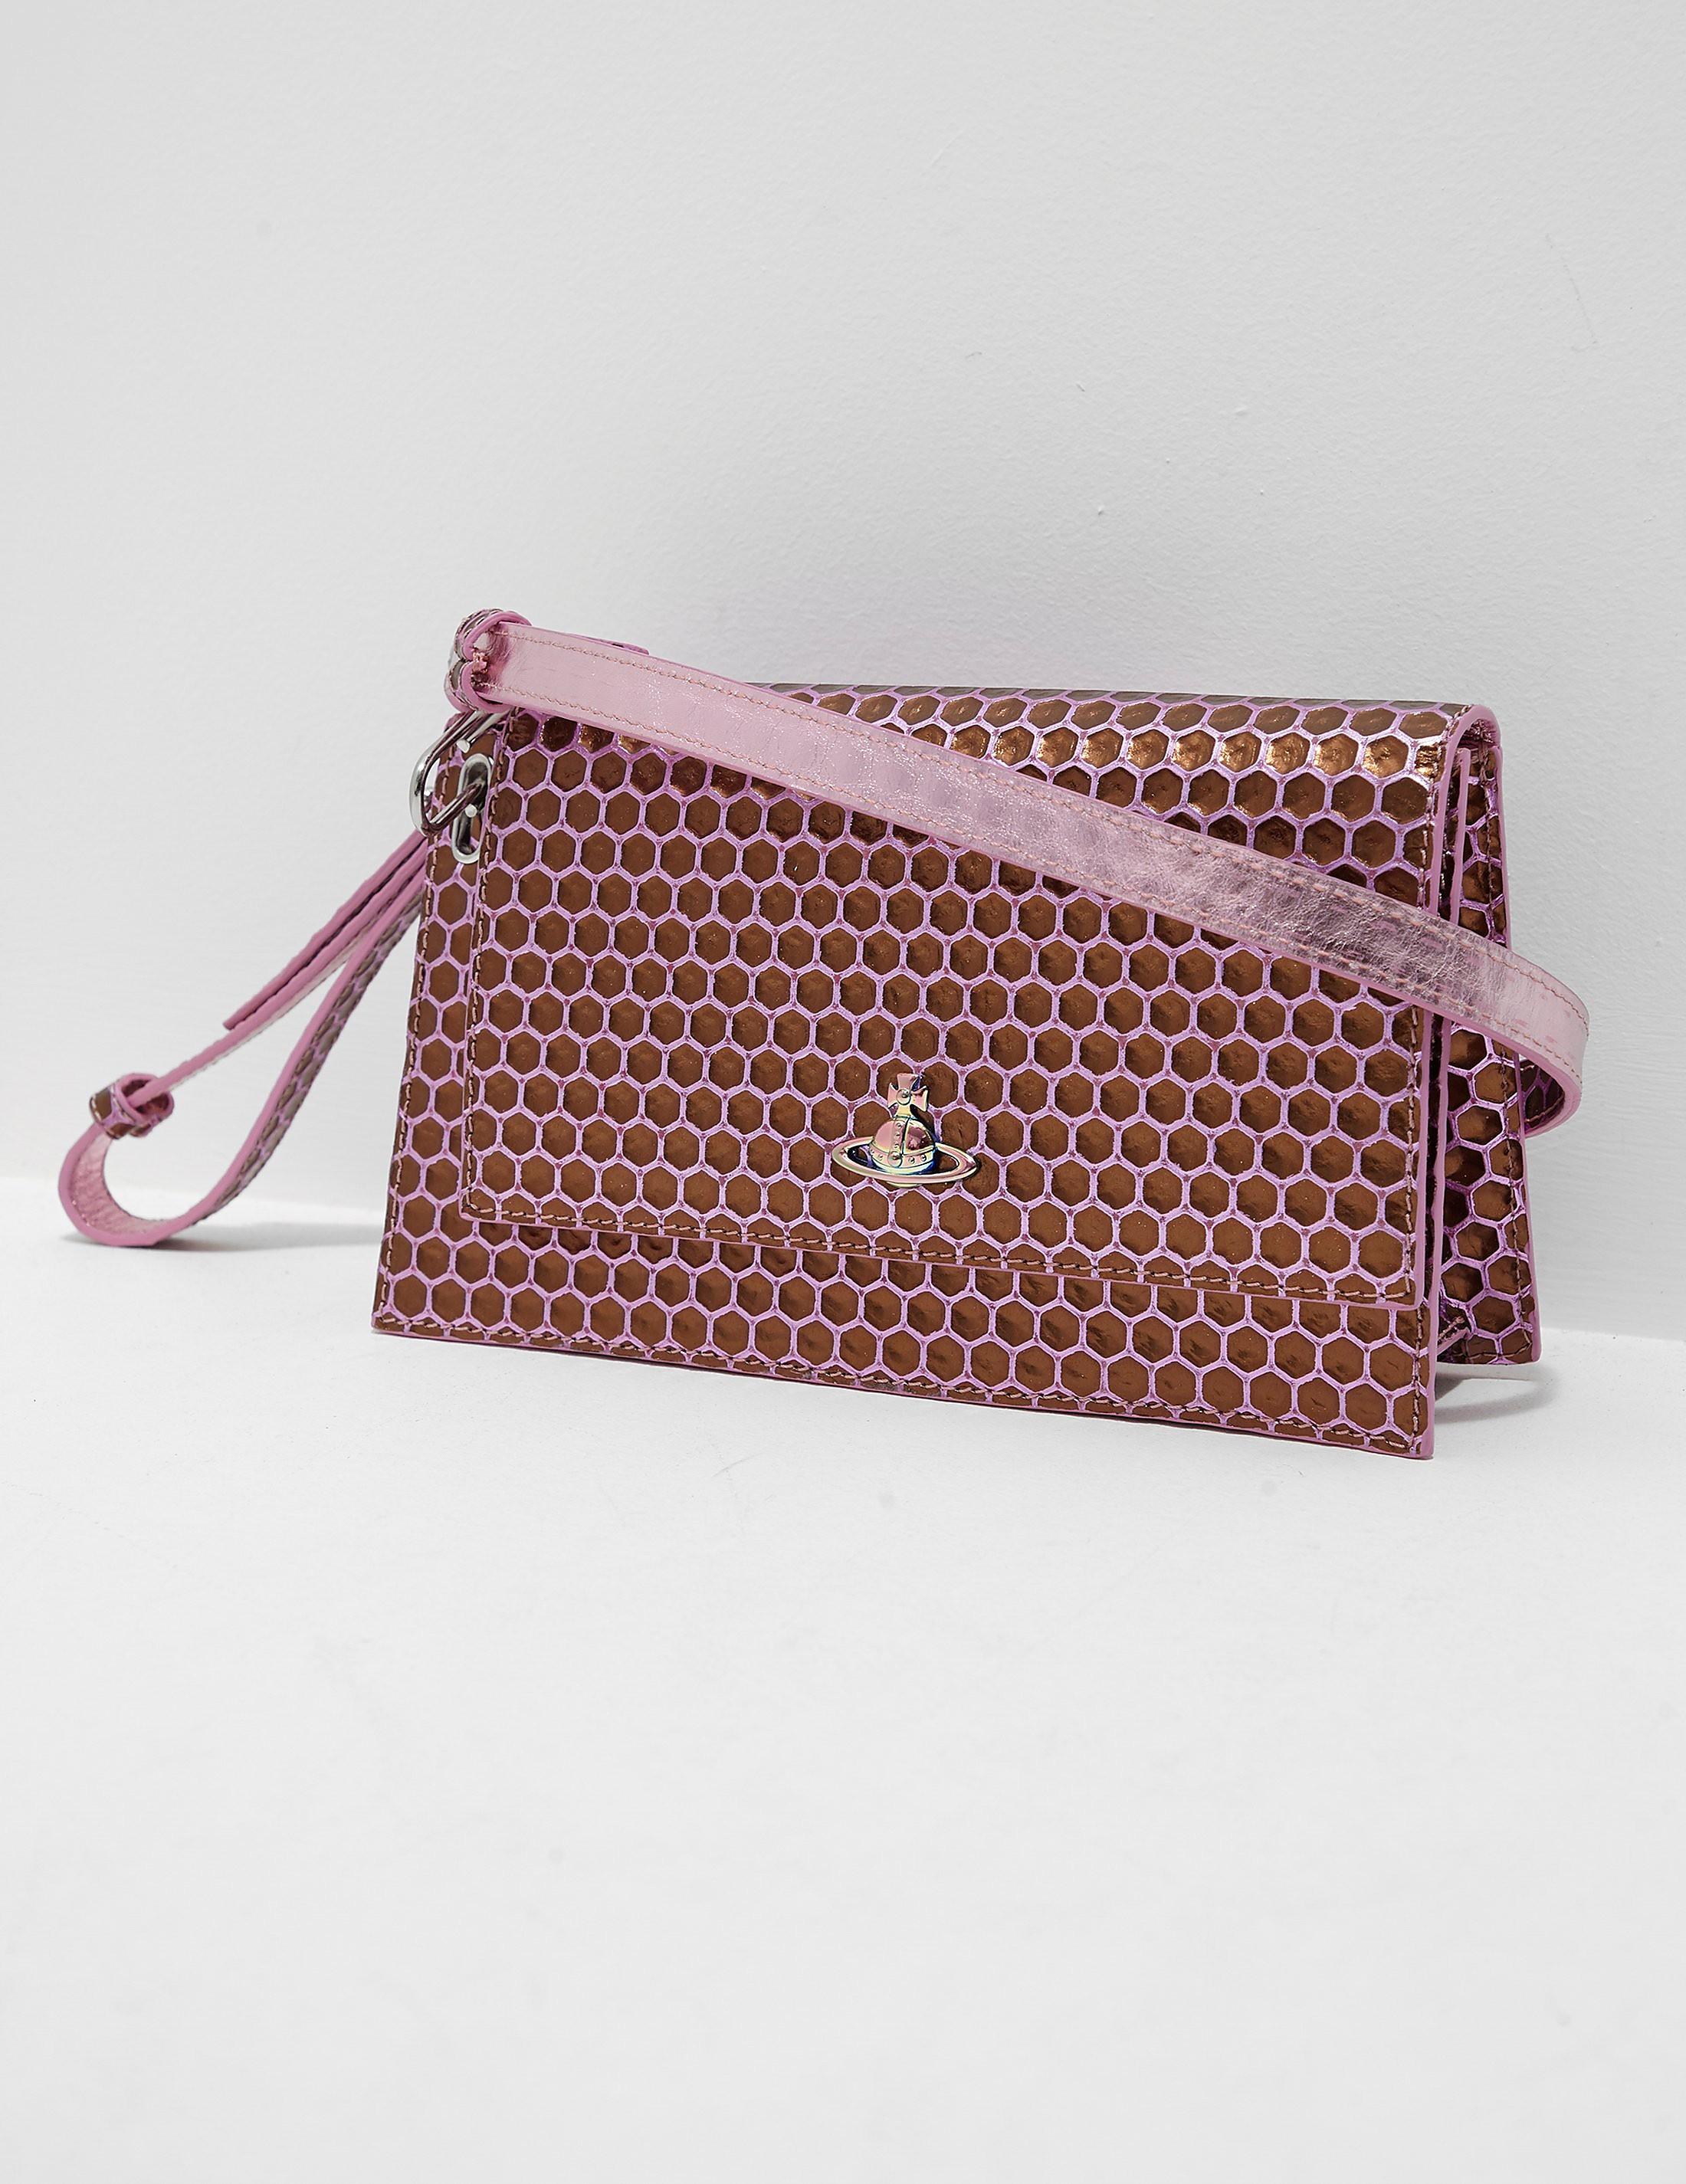 Vivienne Westwood Venice Clutch Bag